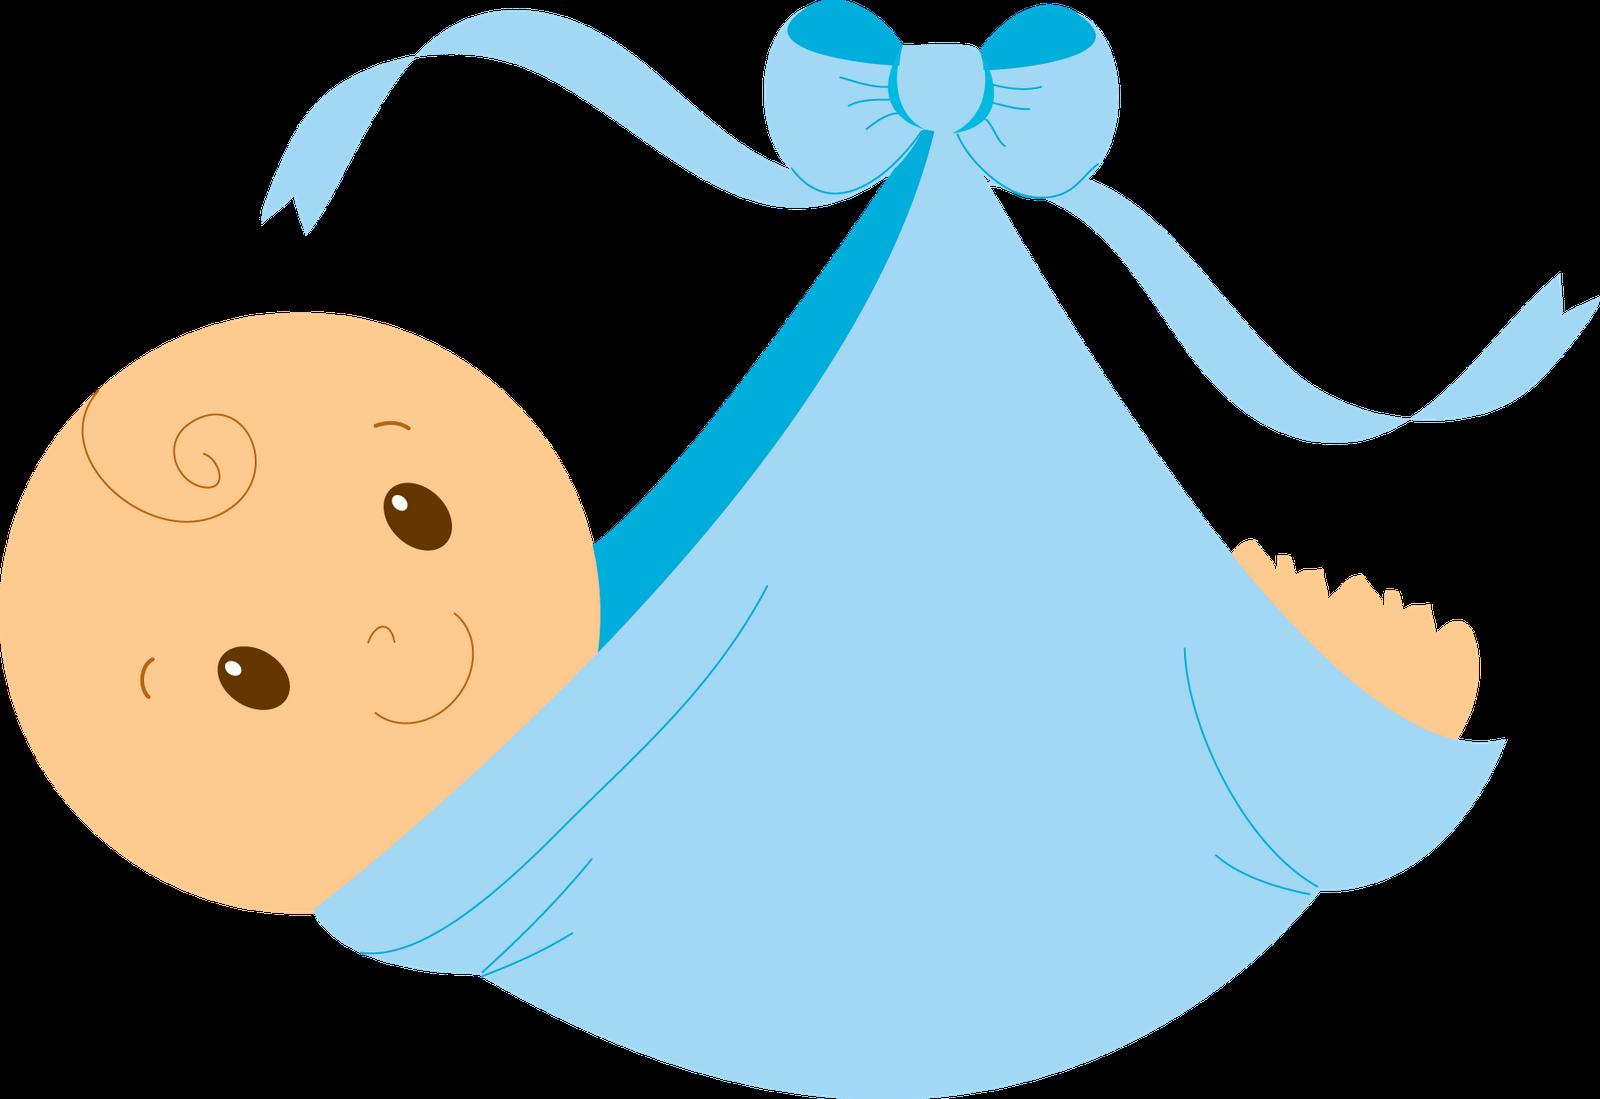 clipart newborn baby - photo #11